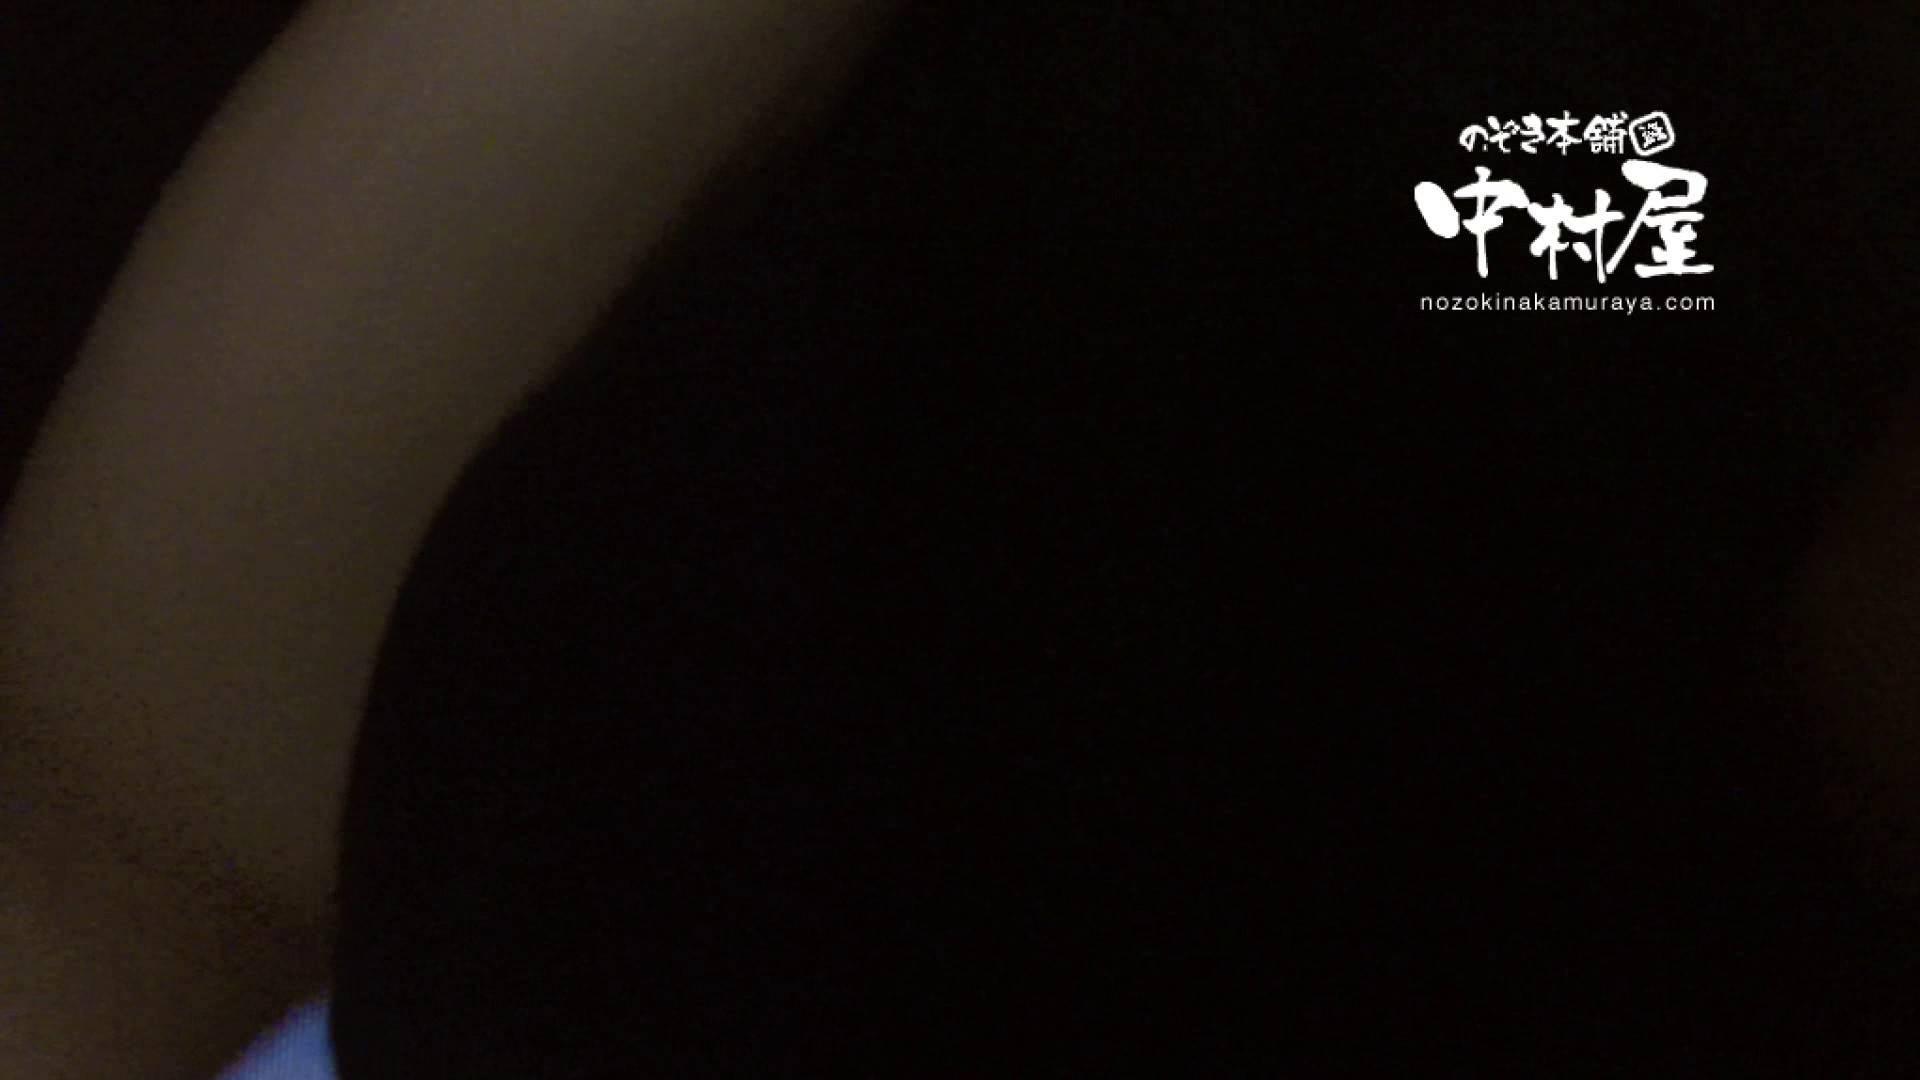 鬼畜 vol.14 小生意気なおなごにはペナルティー 後編 独身エッチOL | 鬼畜  106pic 43